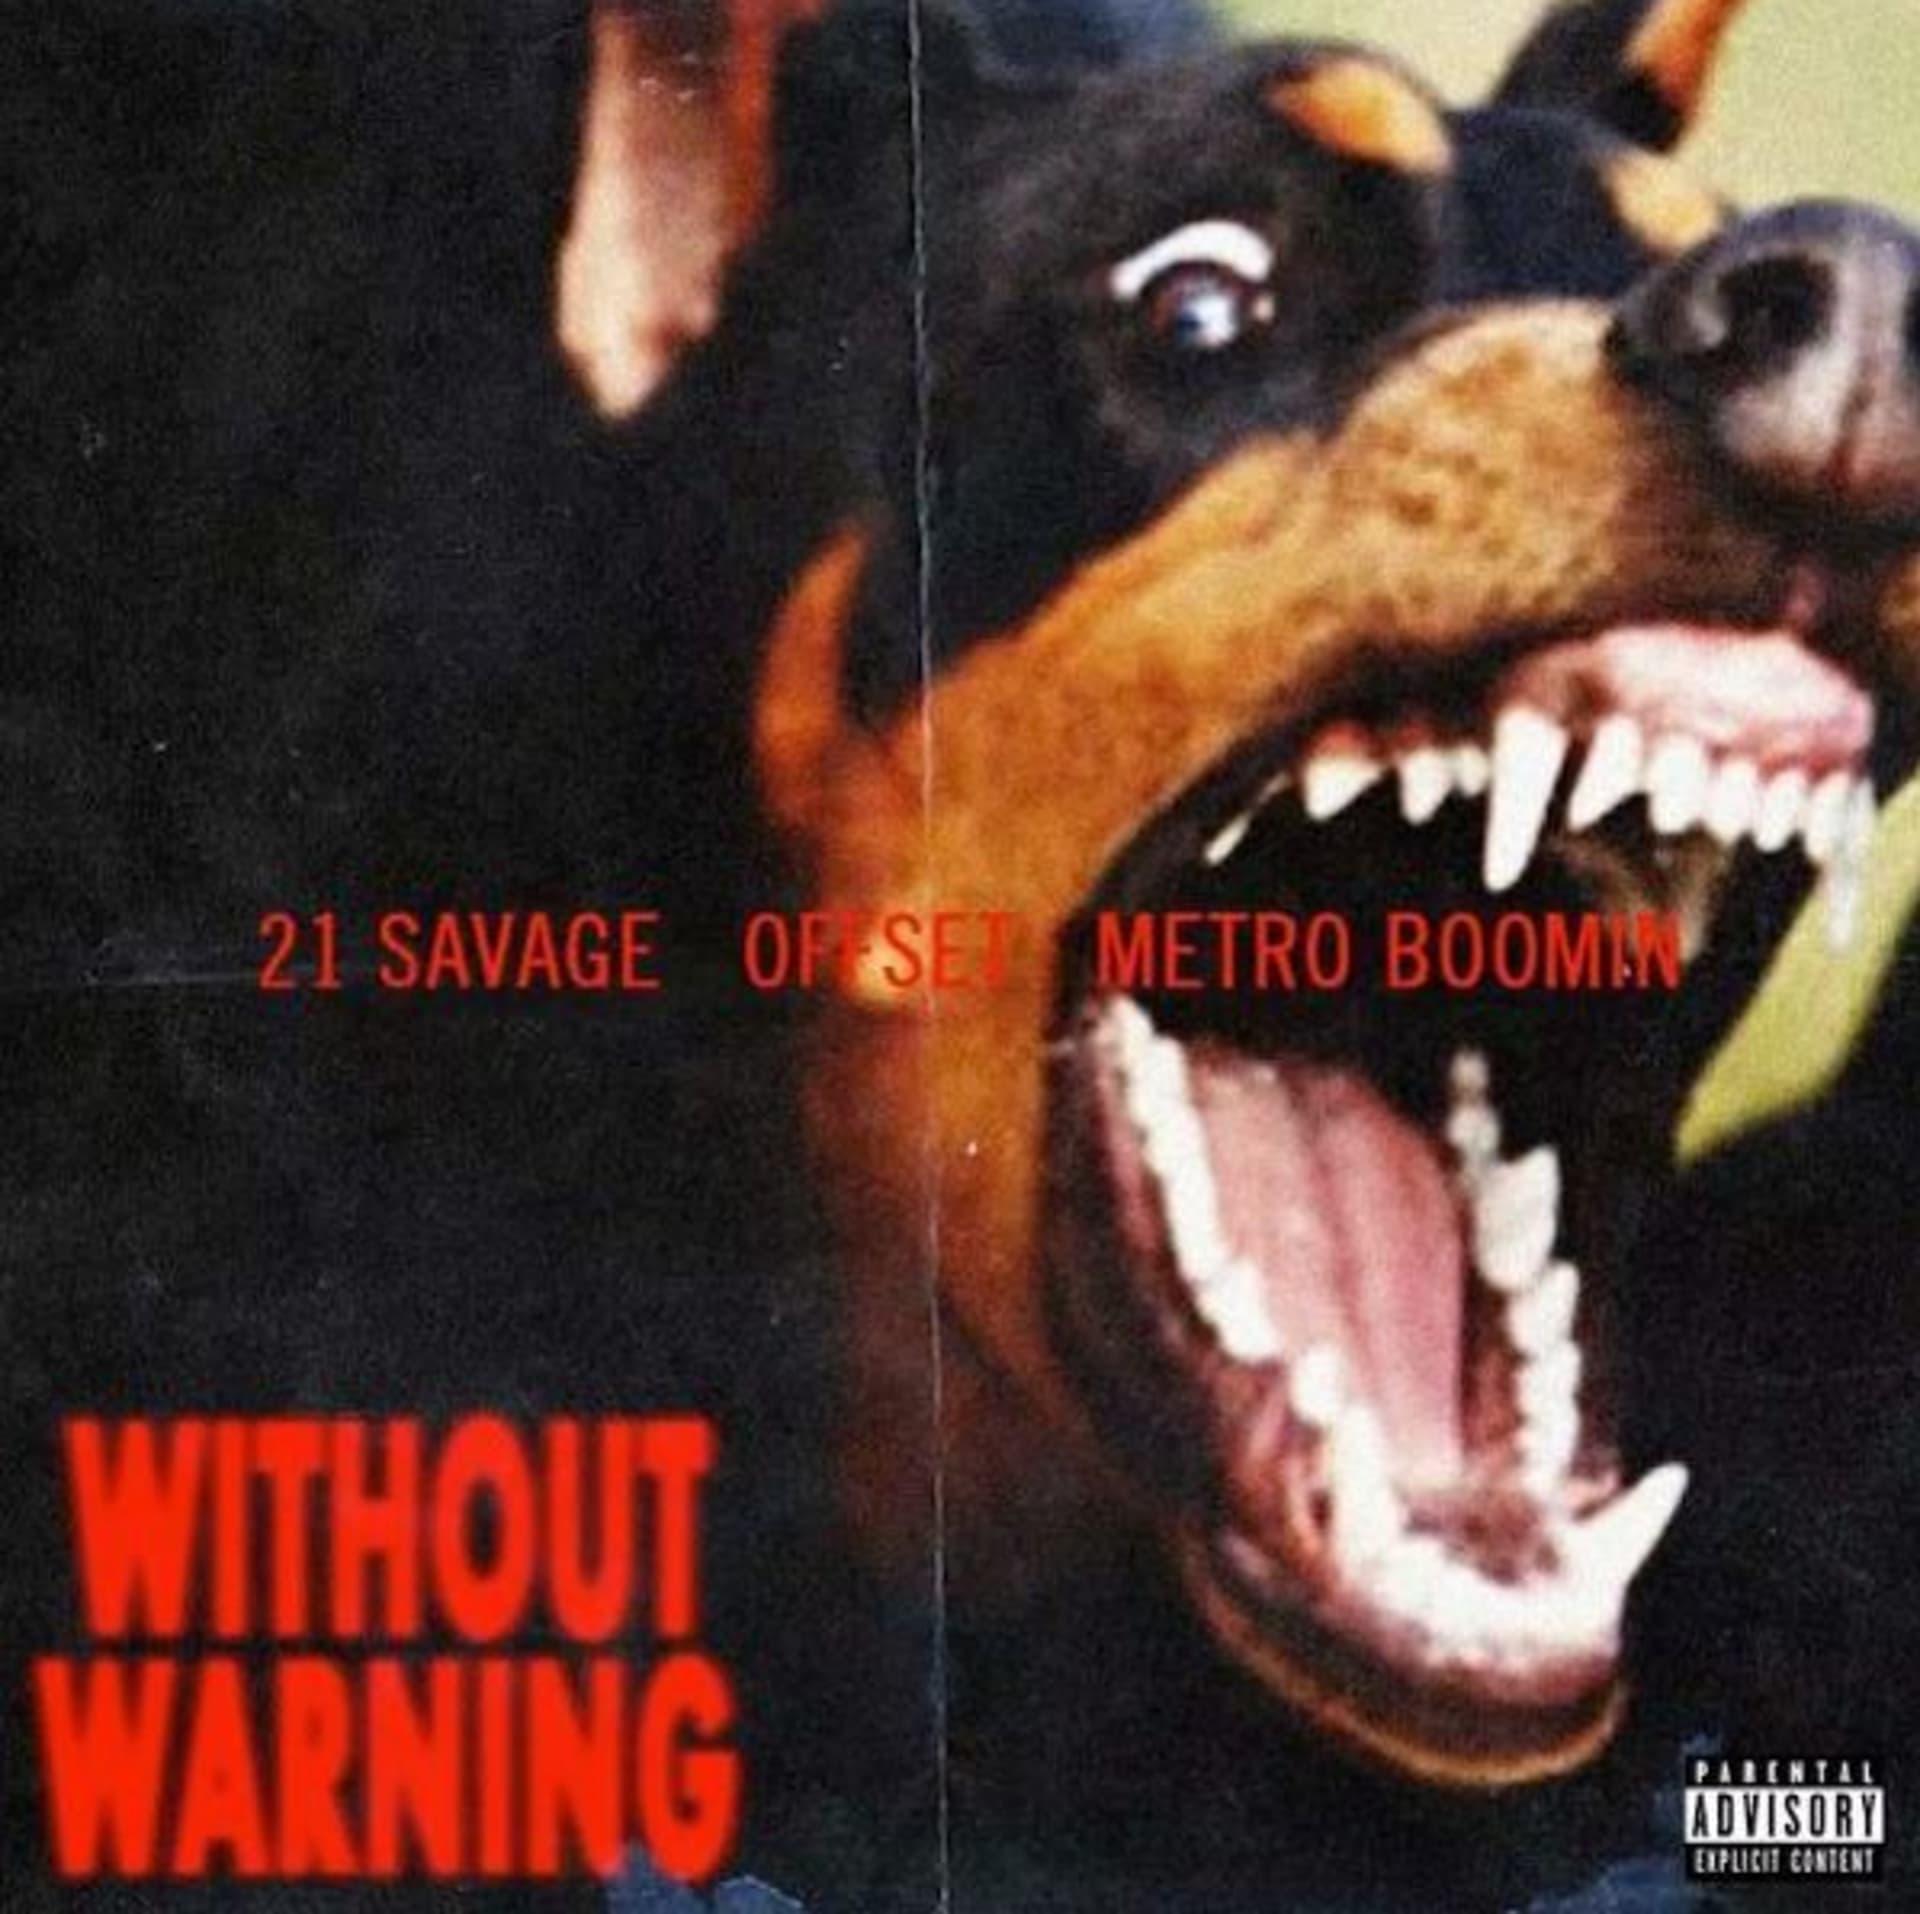 21 Savage x Offset x Metro Boomin 'Without Warning'